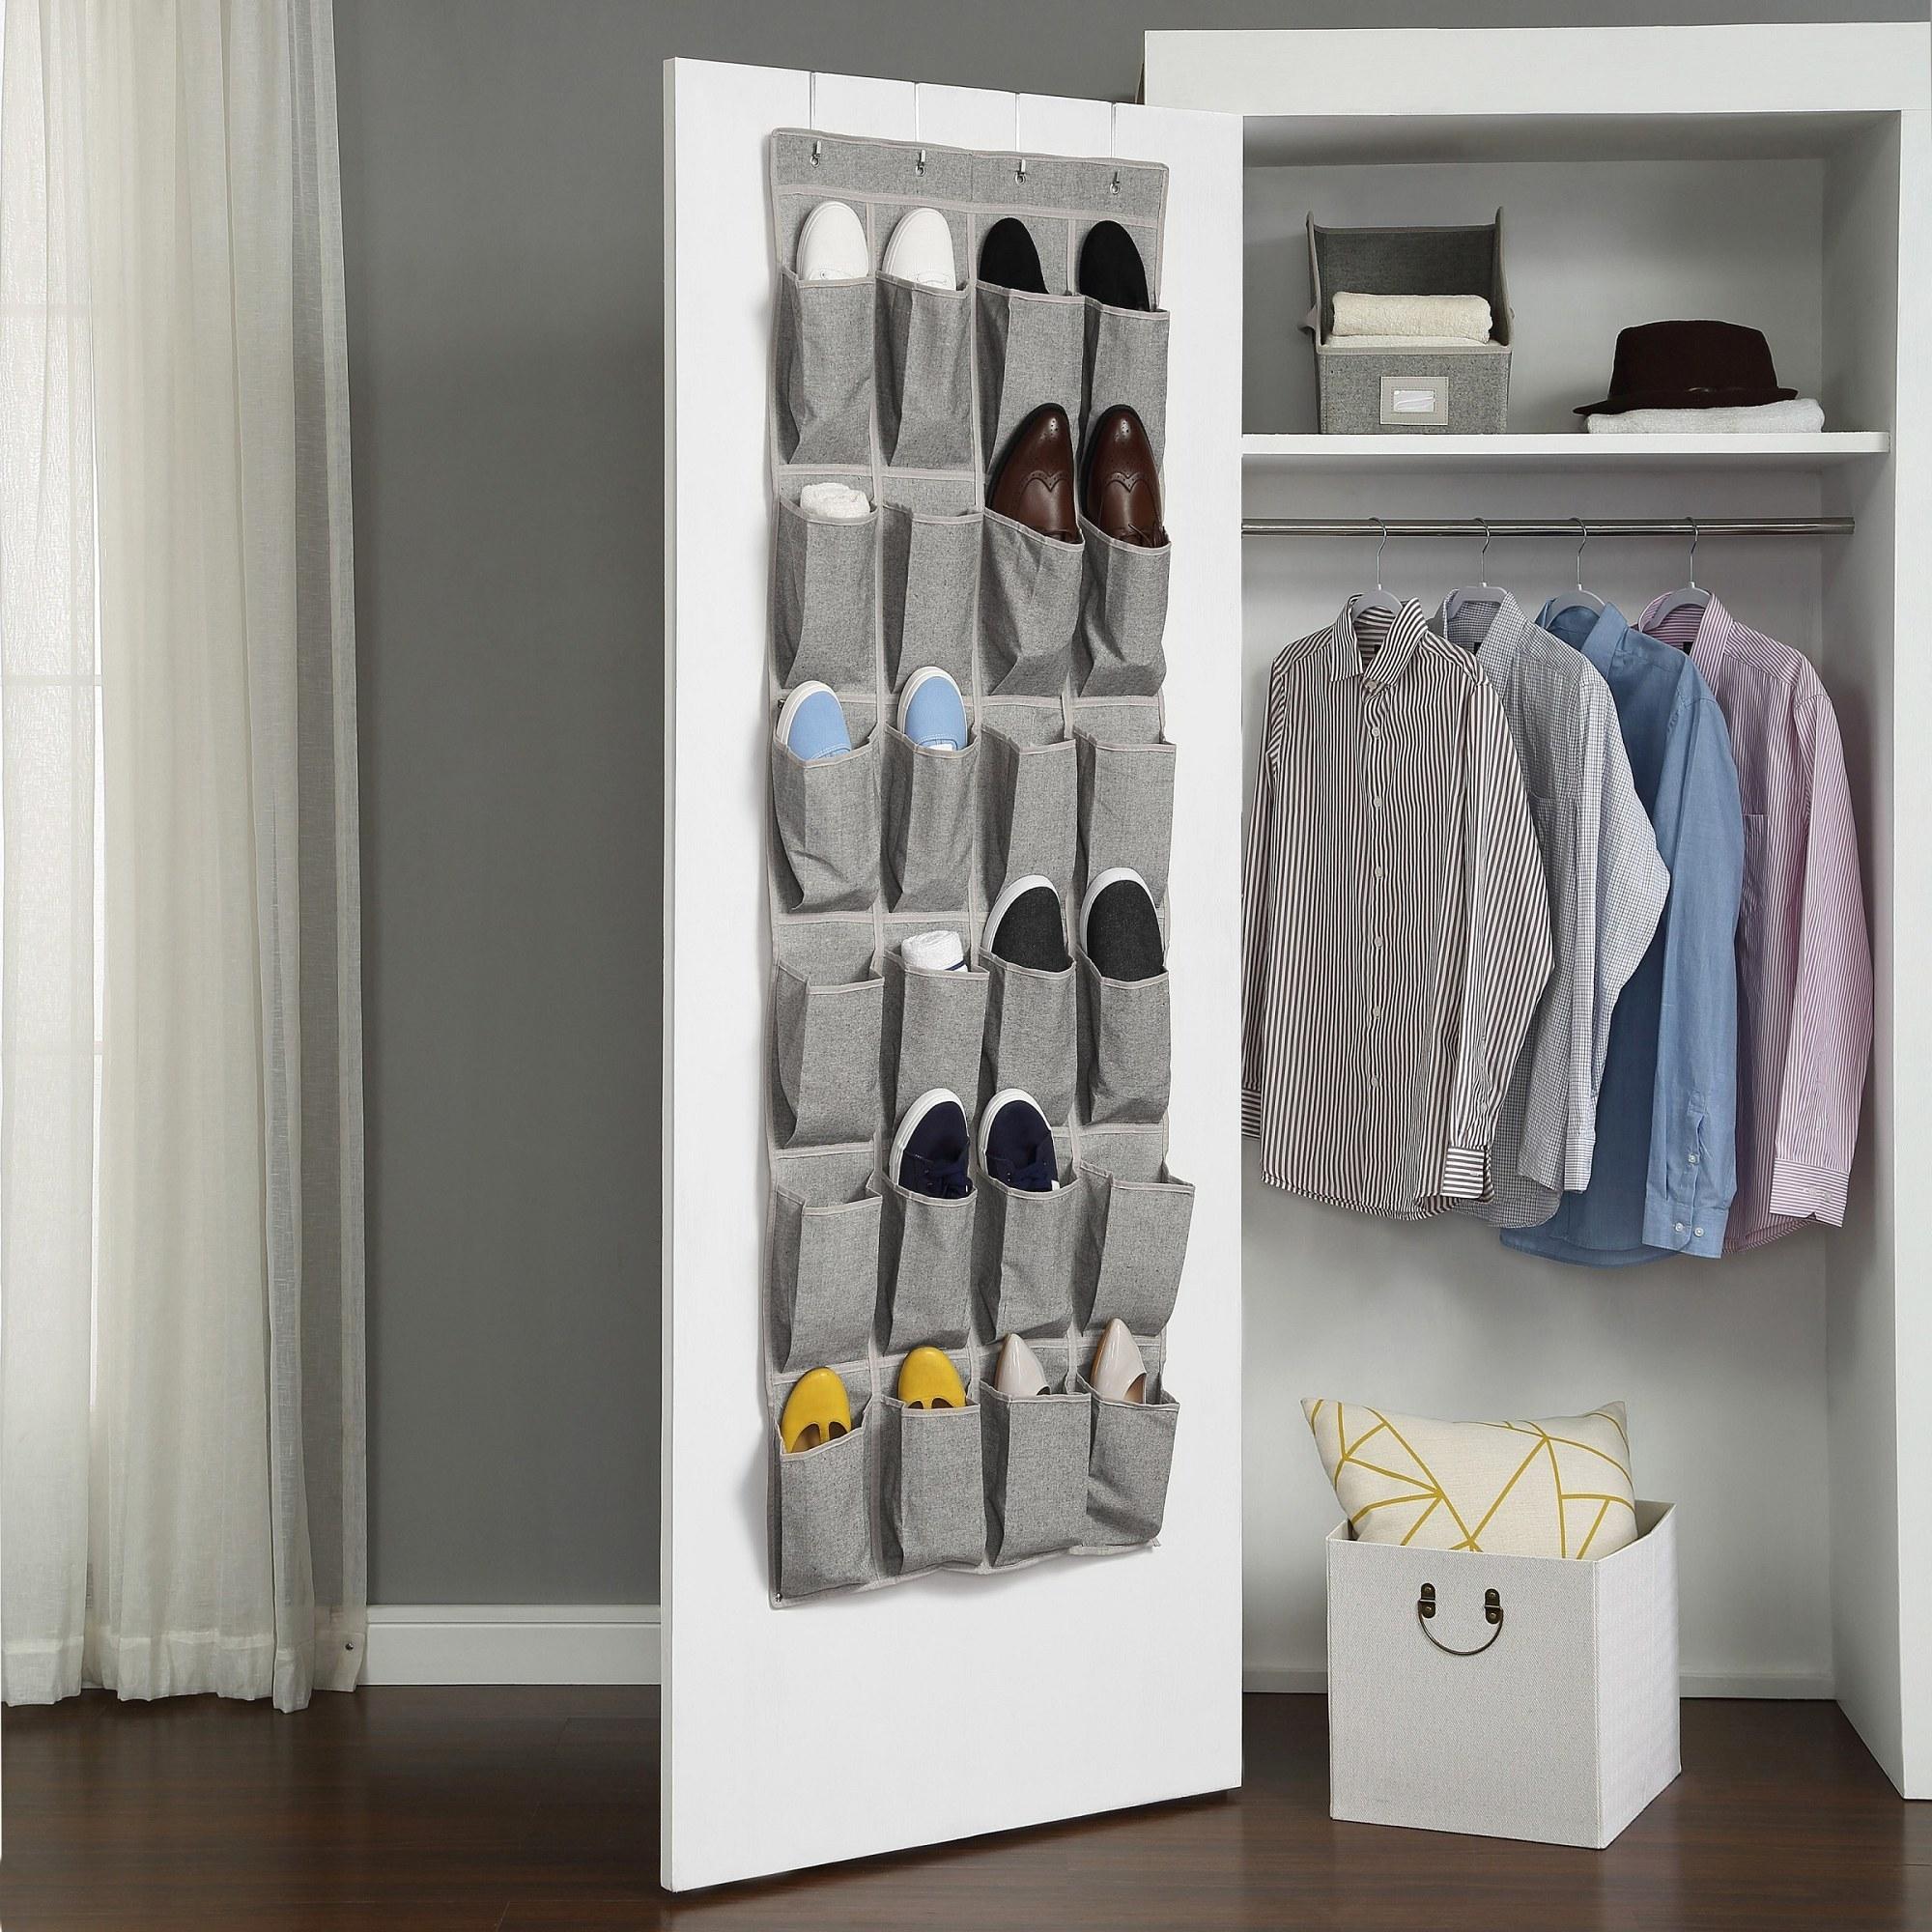 The organizer hung over a closet door